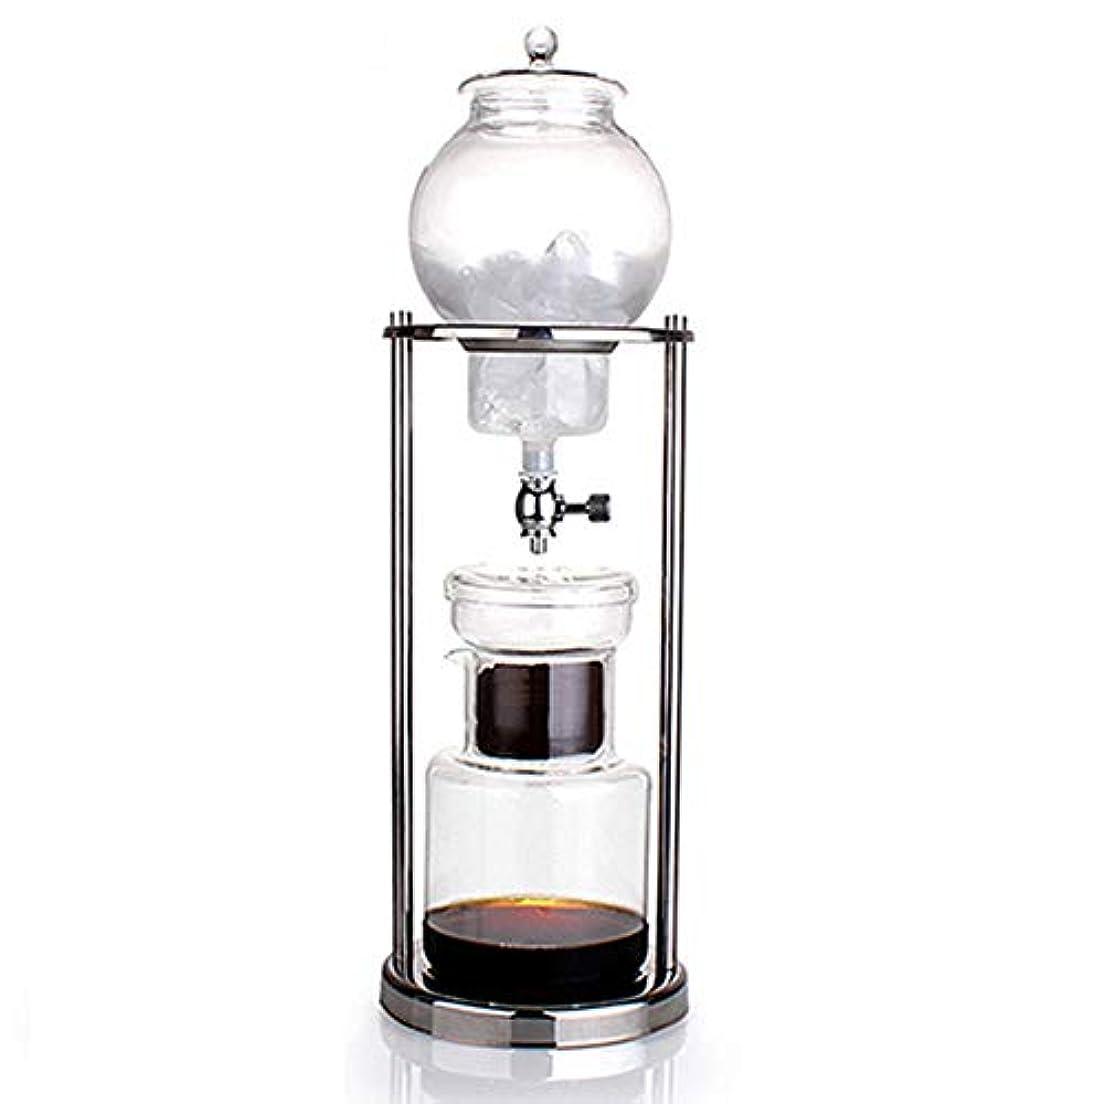 手首粘り強いハミングバード家庭の使用のためのアイスドリップコーヒーポット、ドリップタイプのアイス醸造冷たい醸造コーヒーアプライアンス、シルバーアイスドリップポット+マットブラック、安定した耐摩耗性